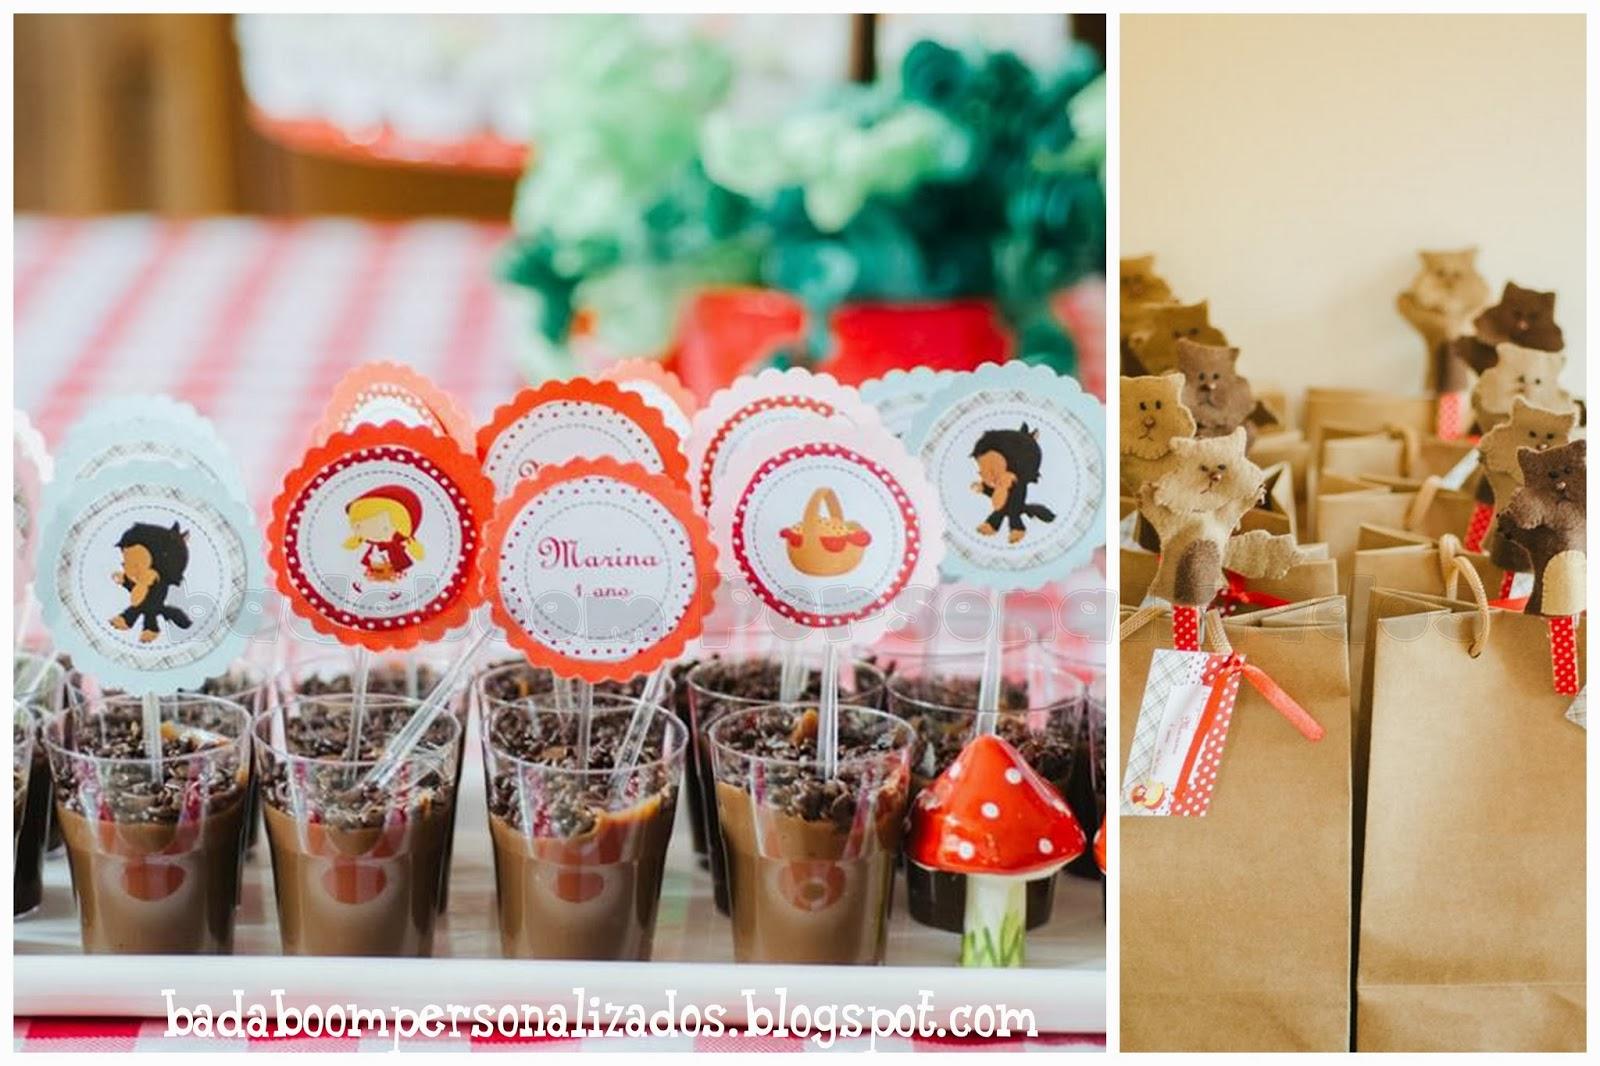 chapeuzinho vermelho, kit digital, personalizados, Kit Festa Digital Chapeuzinho Vermelho, Toppers, Rótulos Redondos, Tag de Docinhos, Tag de agradecimento, Cartão de agradecimento